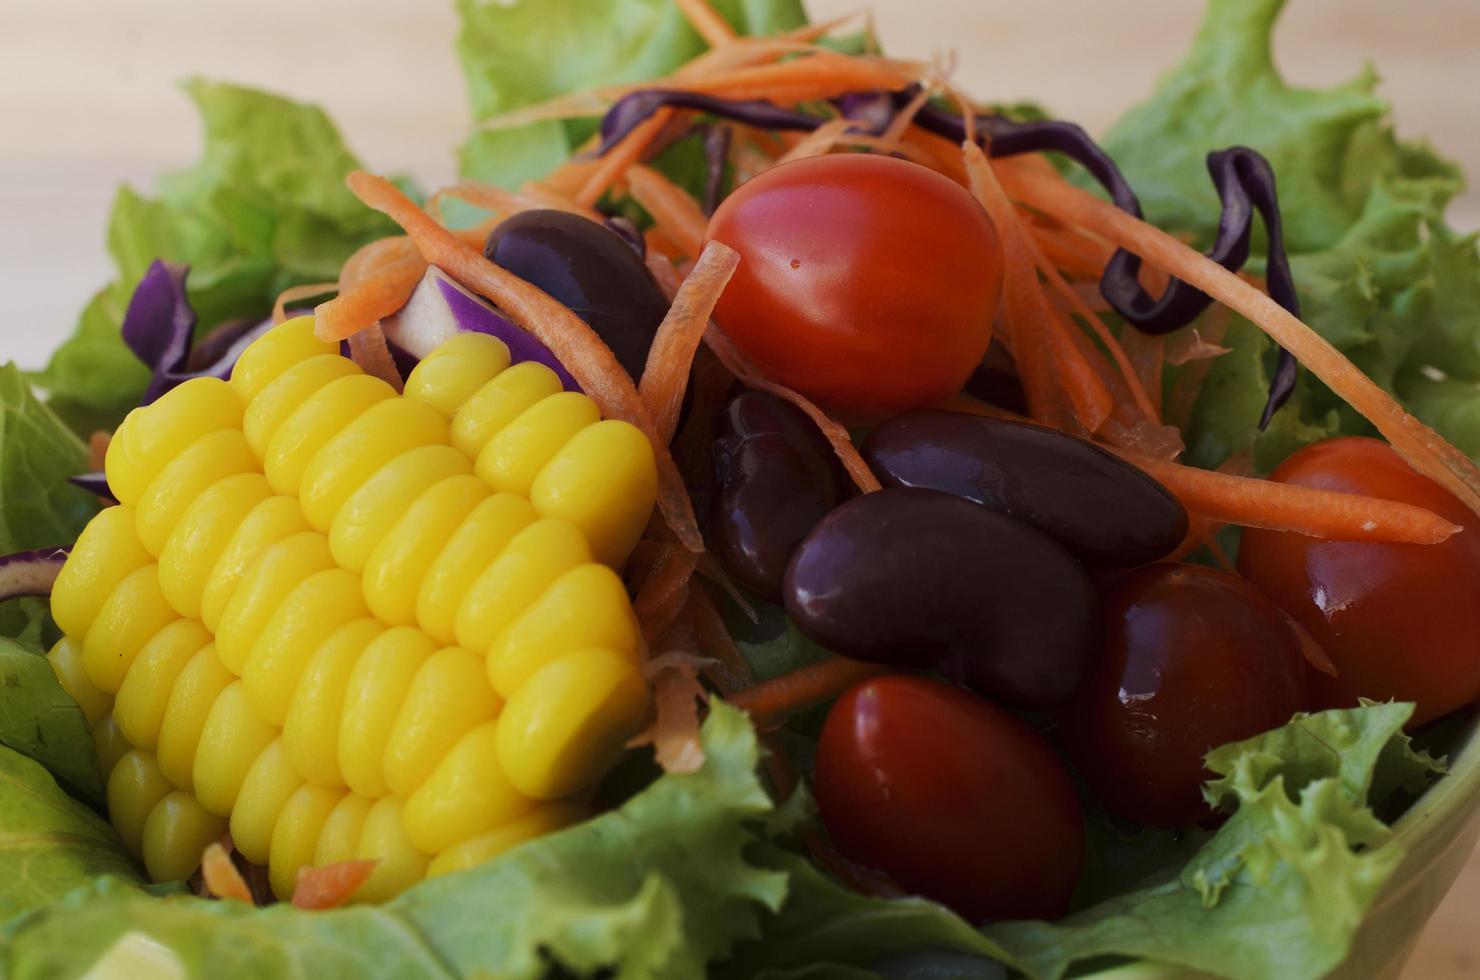 salade de légumes frais avec macro gros plan pour les arrière-plans alimentaires photo